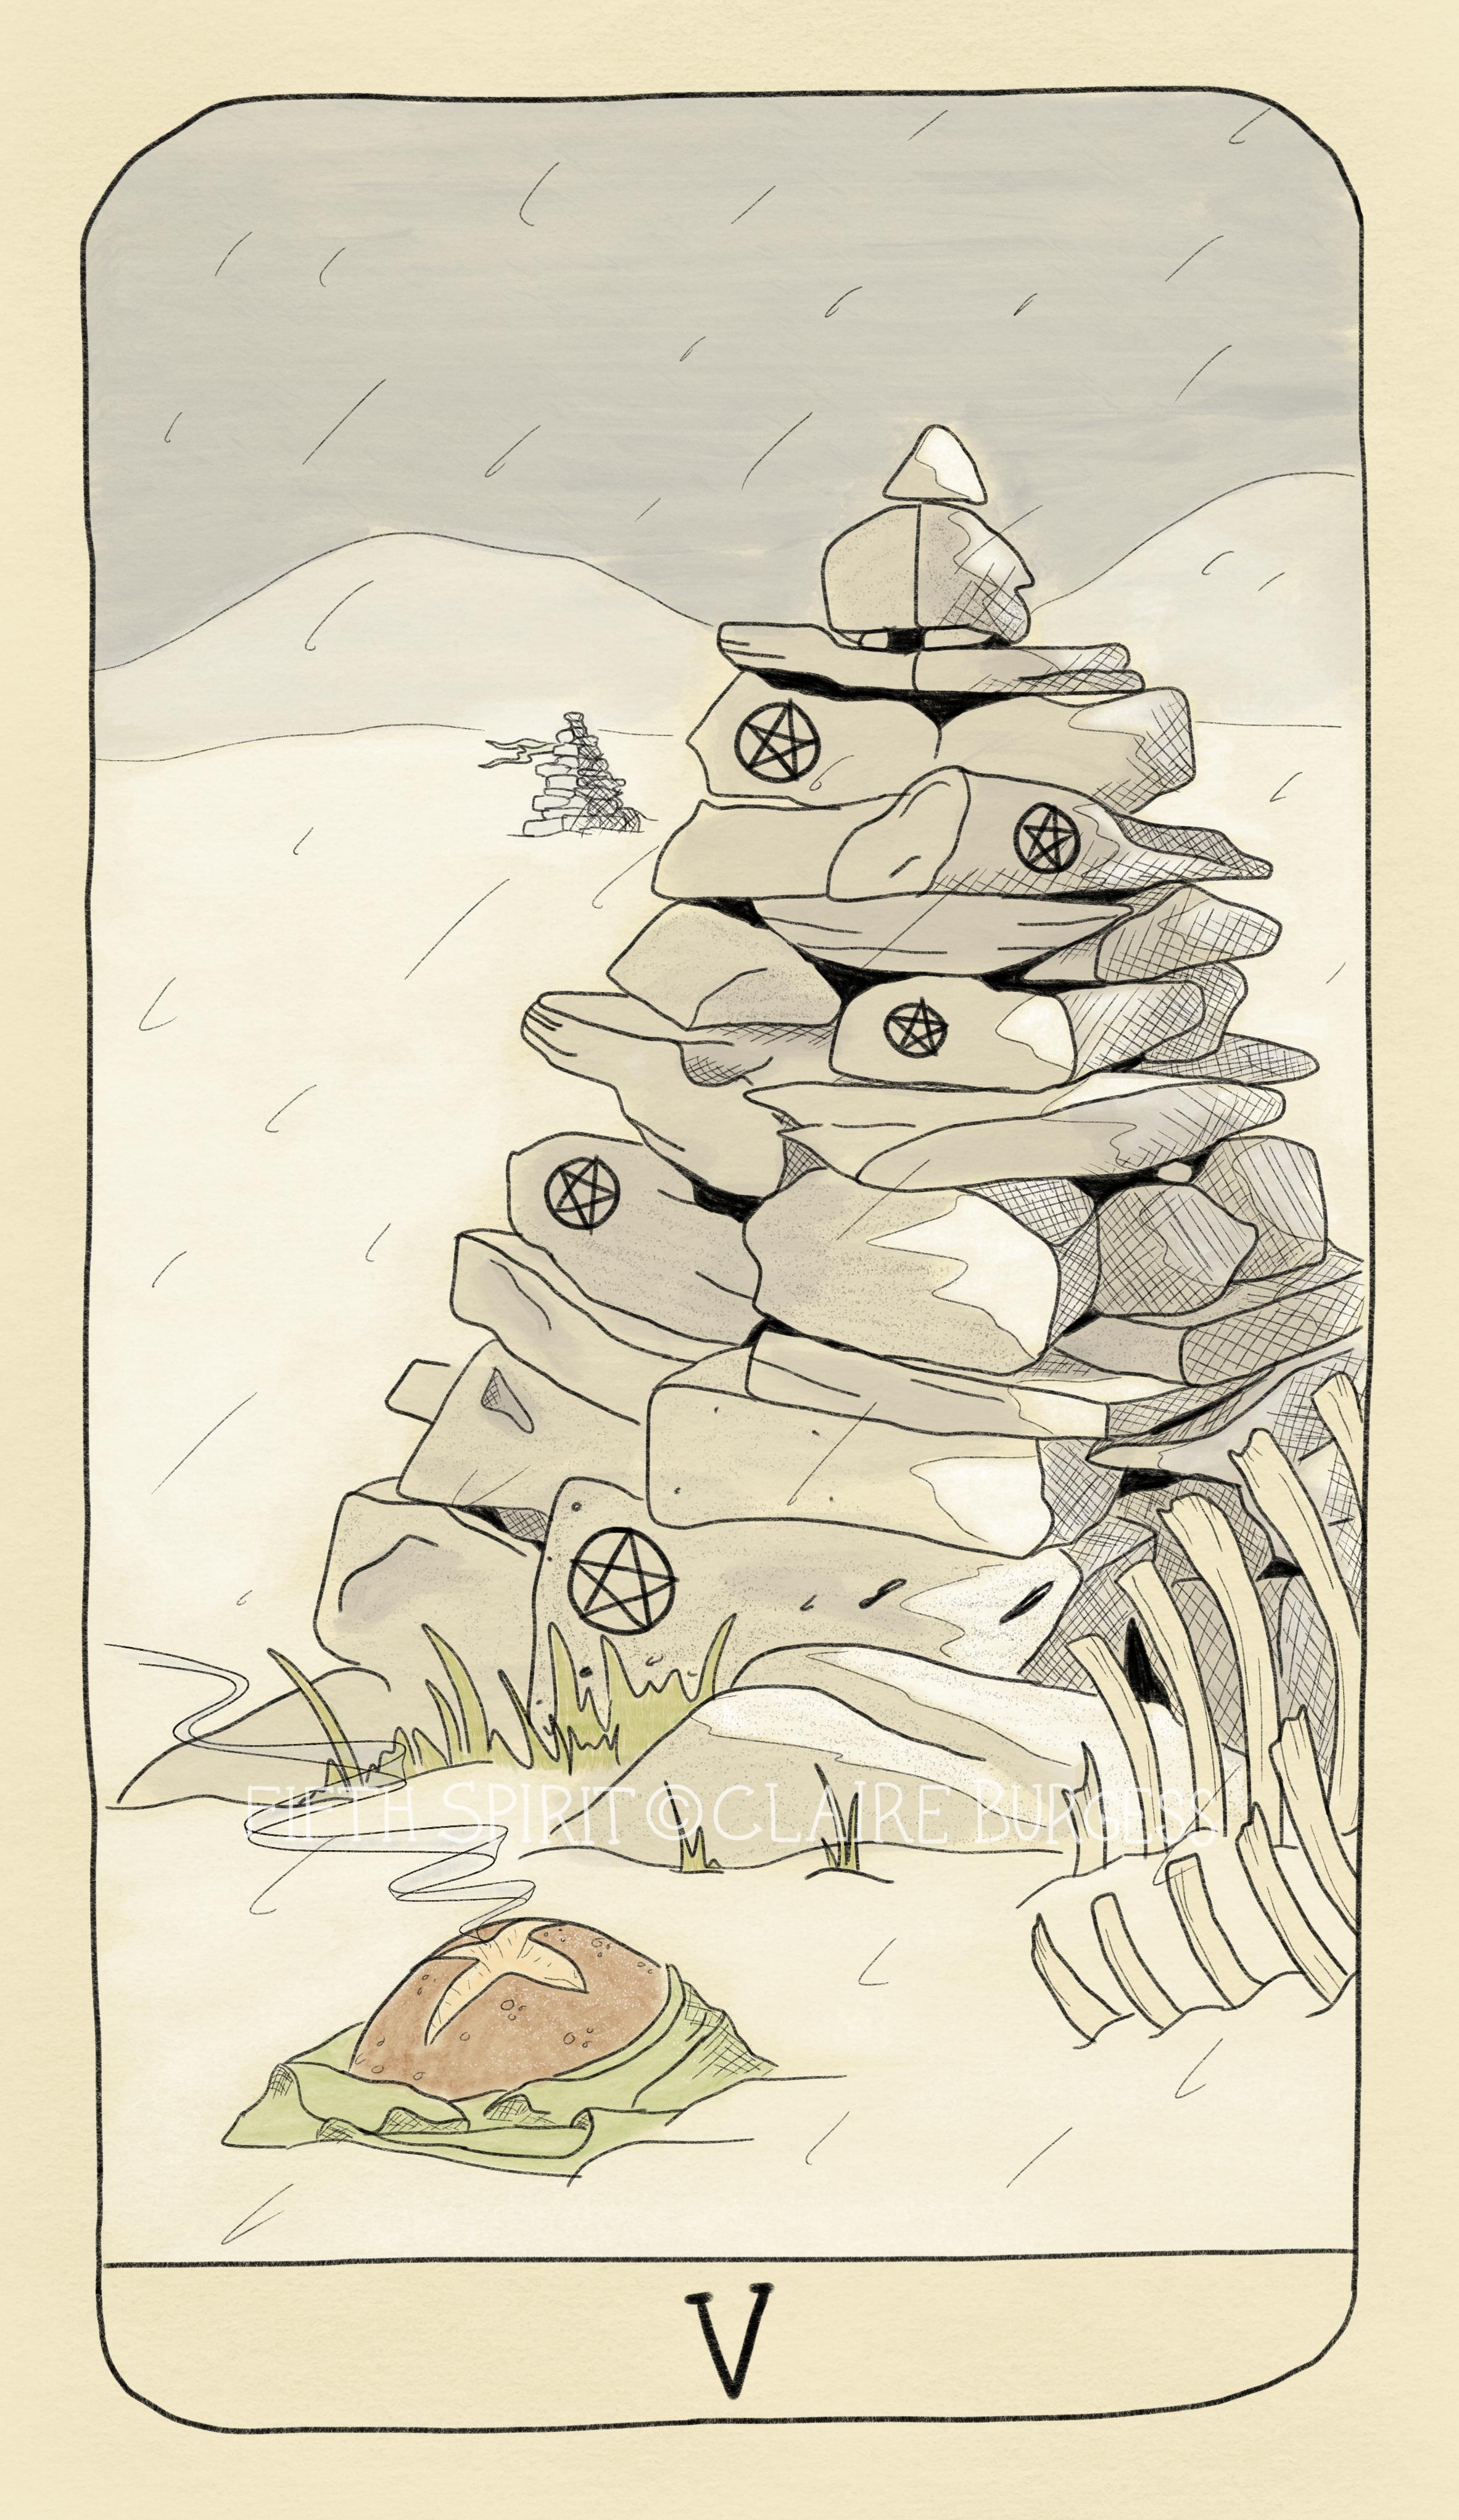 5 of Pentacles Fifth Spirit Tarot